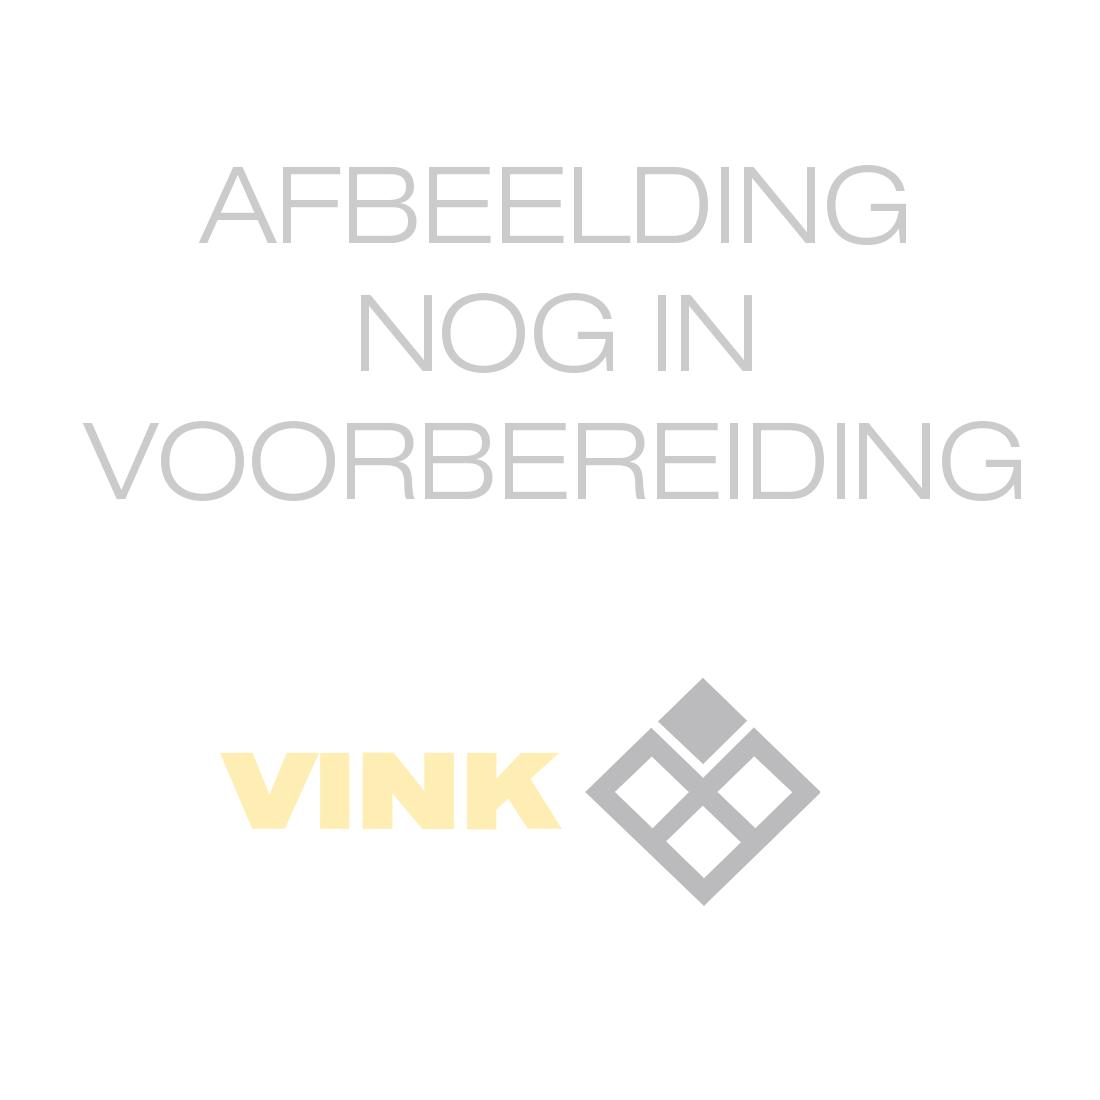 GF ABS VERLOOPSTUK KORT d140 -d110 LIJMEIND/SOK PN10 729900385